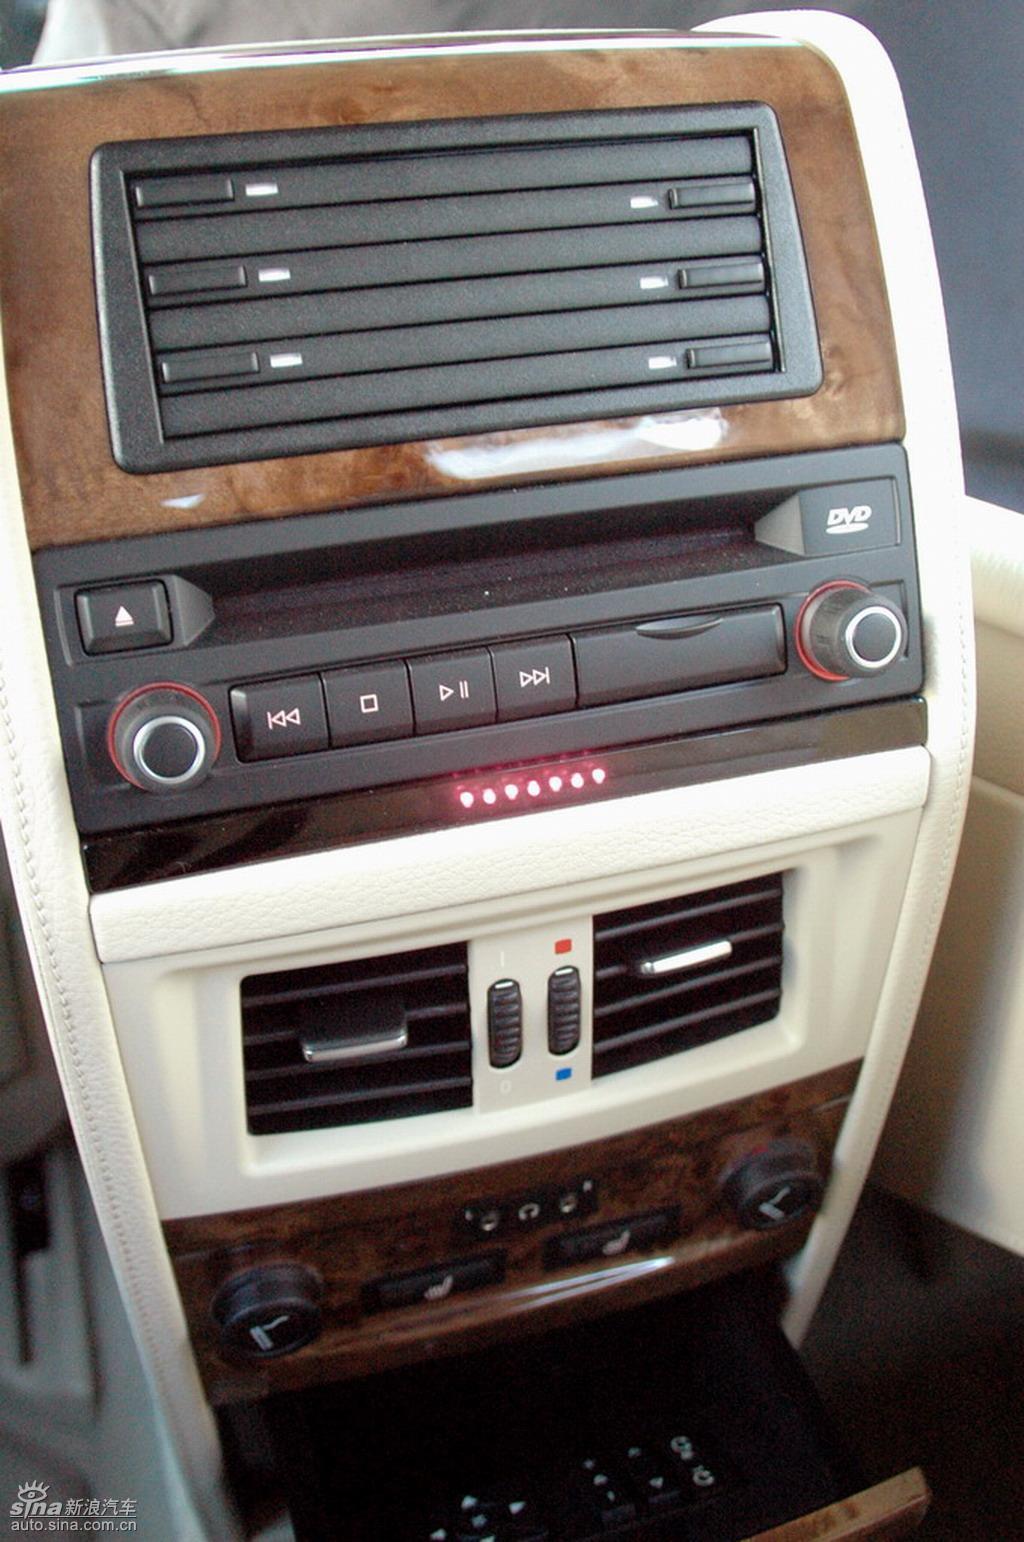 2007年,宝马集团完成了BMW 5系在全球的中期改款。与此同步,华晨宝马对BMW 5系长轴距版在外观、内饰和技术上也进行全面的技术升级,并于今日推出两款车型:新BMW 530Li豪华型和新BMW 525Li豪华型。此次上市的改款新BMW 5系长轴距版先期投放市场的车型分别是新BMW 530Li豪华型和新BMW 525Li豪华型,将于11月15日在全国宝马授权经销商开始销售。升级之后的新BMW 5系长轴距版车型在功能性、技术先进性和车型配置等方面为豪华商务轿车树立了全新的标准,进一步强化了其在同级别最先进